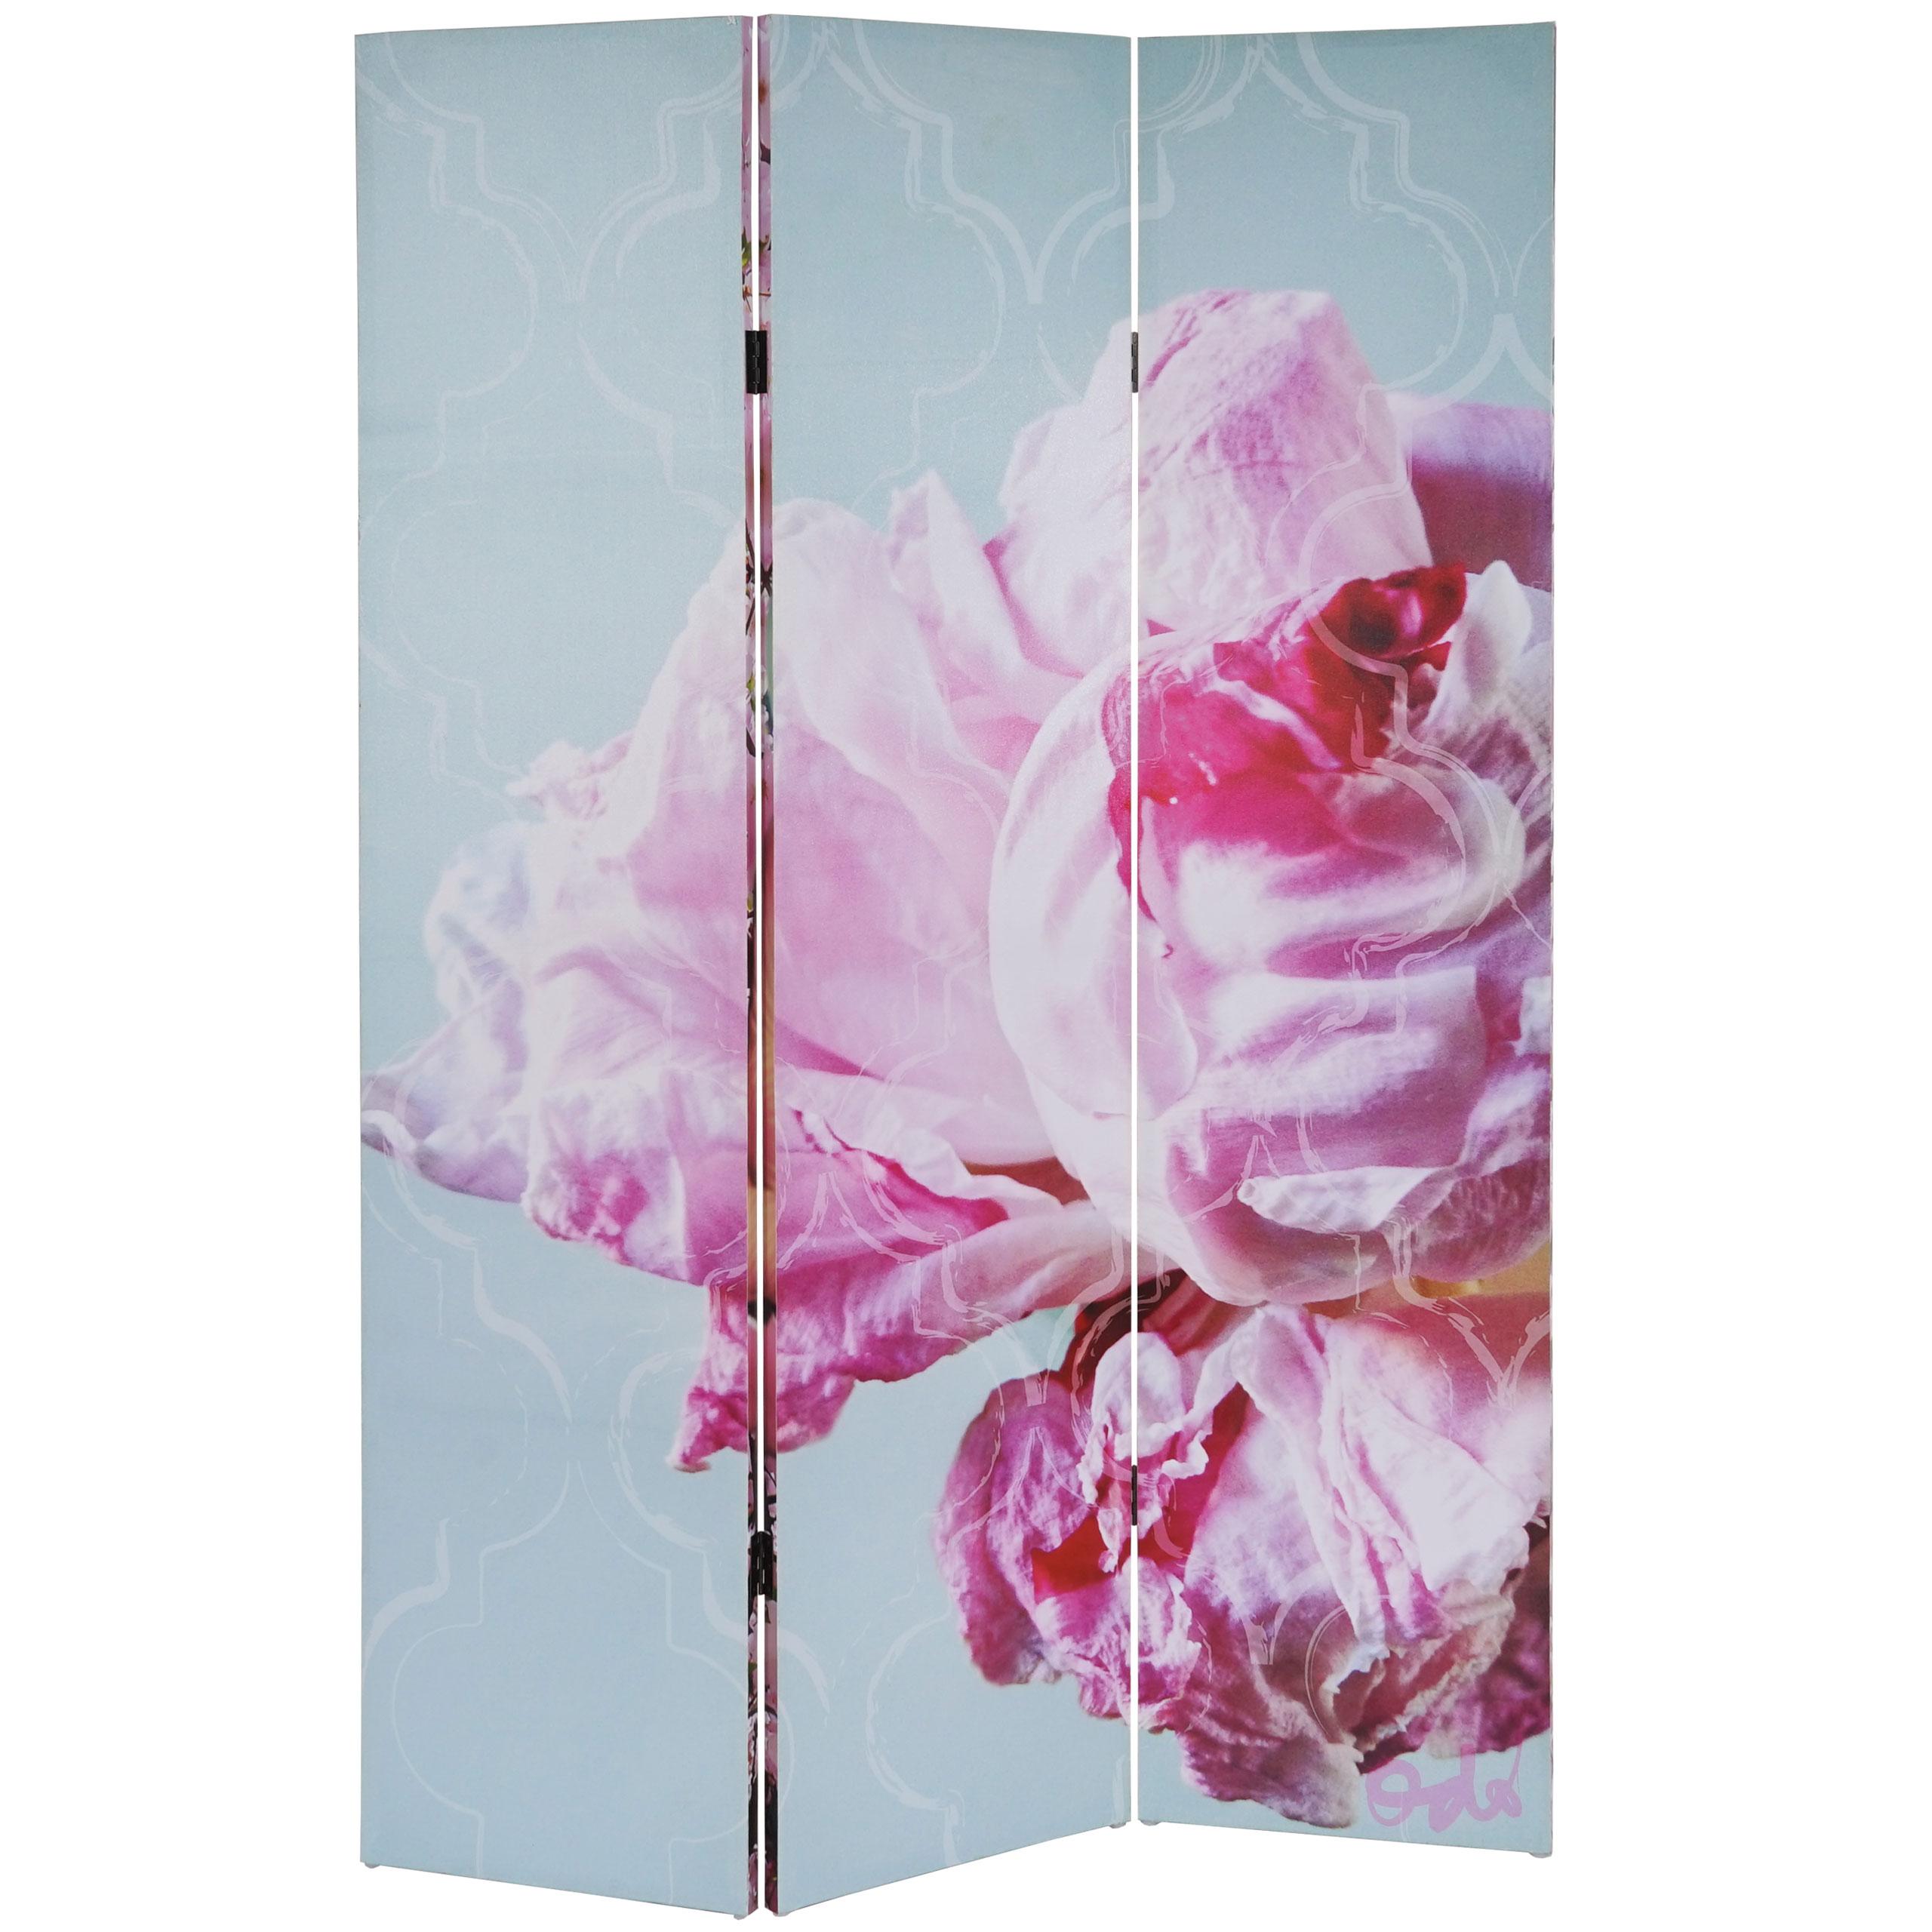 foto paravent t233 paravent raumteiler spanische wand 3. Black Bedroom Furniture Sets. Home Design Ideas